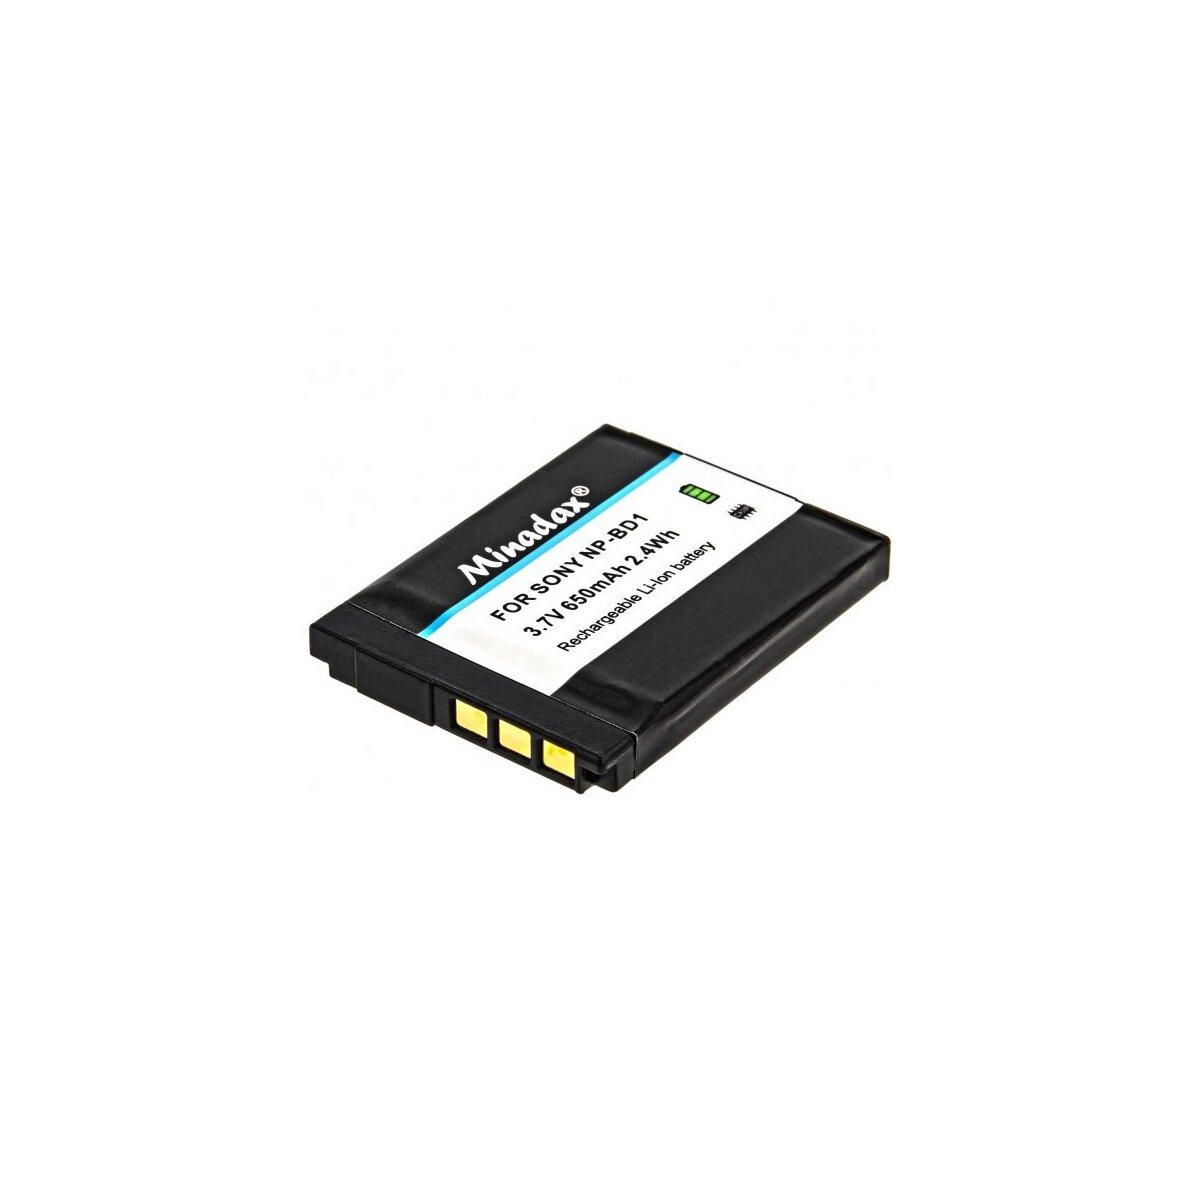 Minadax Qualitätsakku mit echten 650 mAh kompatibel für Sony Cybershot DSC-G3 DSC-T2 DSC-T70 DSC-T75 DSC-T77 DSC-T90 DSC-T200 DSC-T300 DSC-T500 DSC-T700 DSC-T900 DSC-TX1 Ersatz für NP-BD1 / NP-FD1